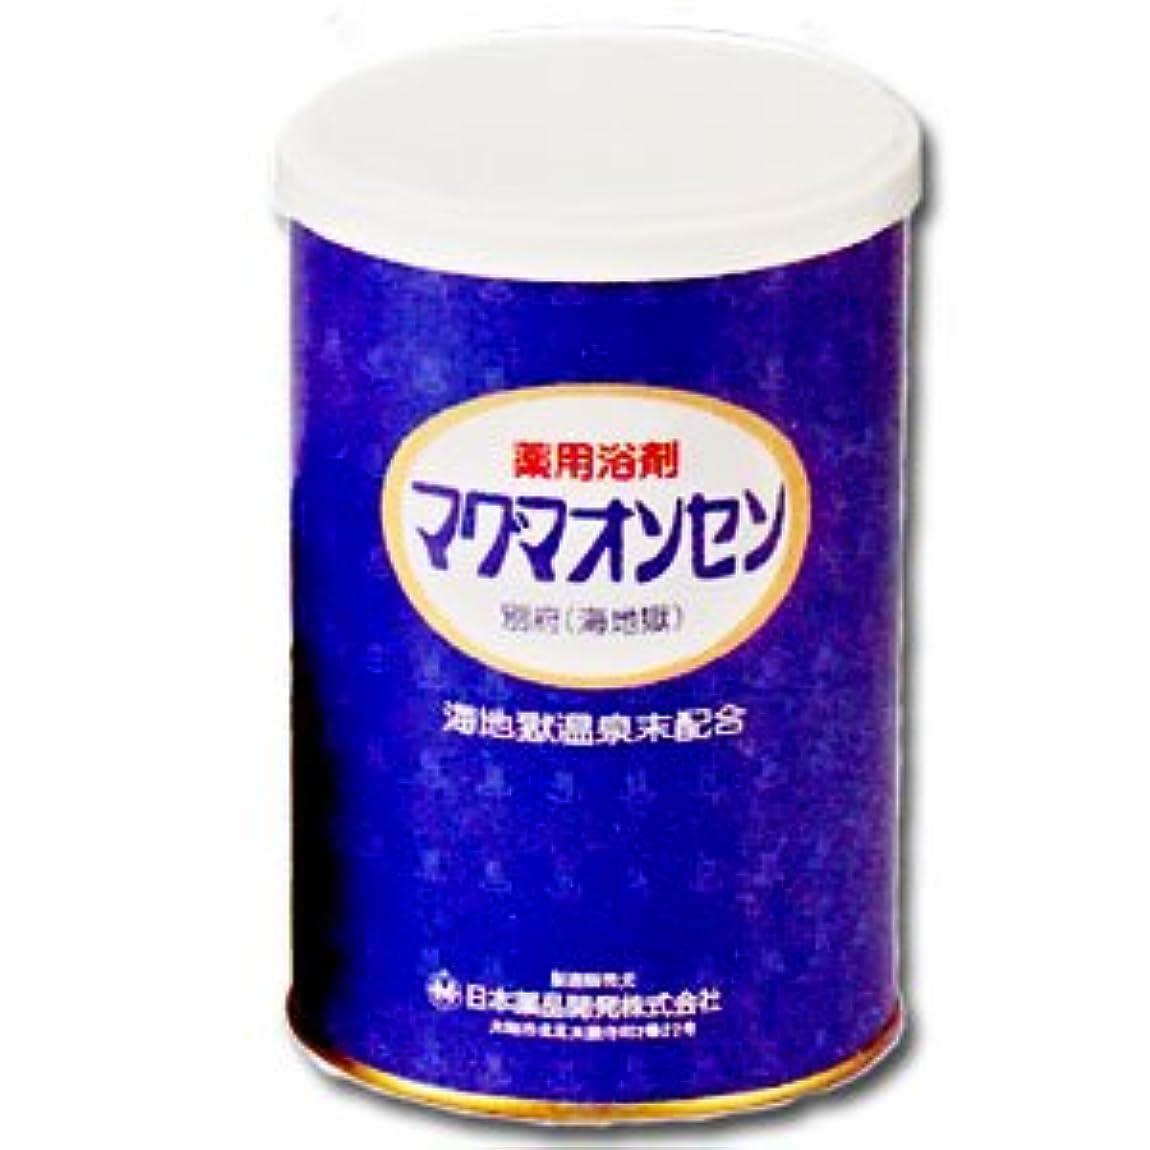 鯨寄託レンダリング薬用入浴剤 マグマオンセン(医薬部外品)500g